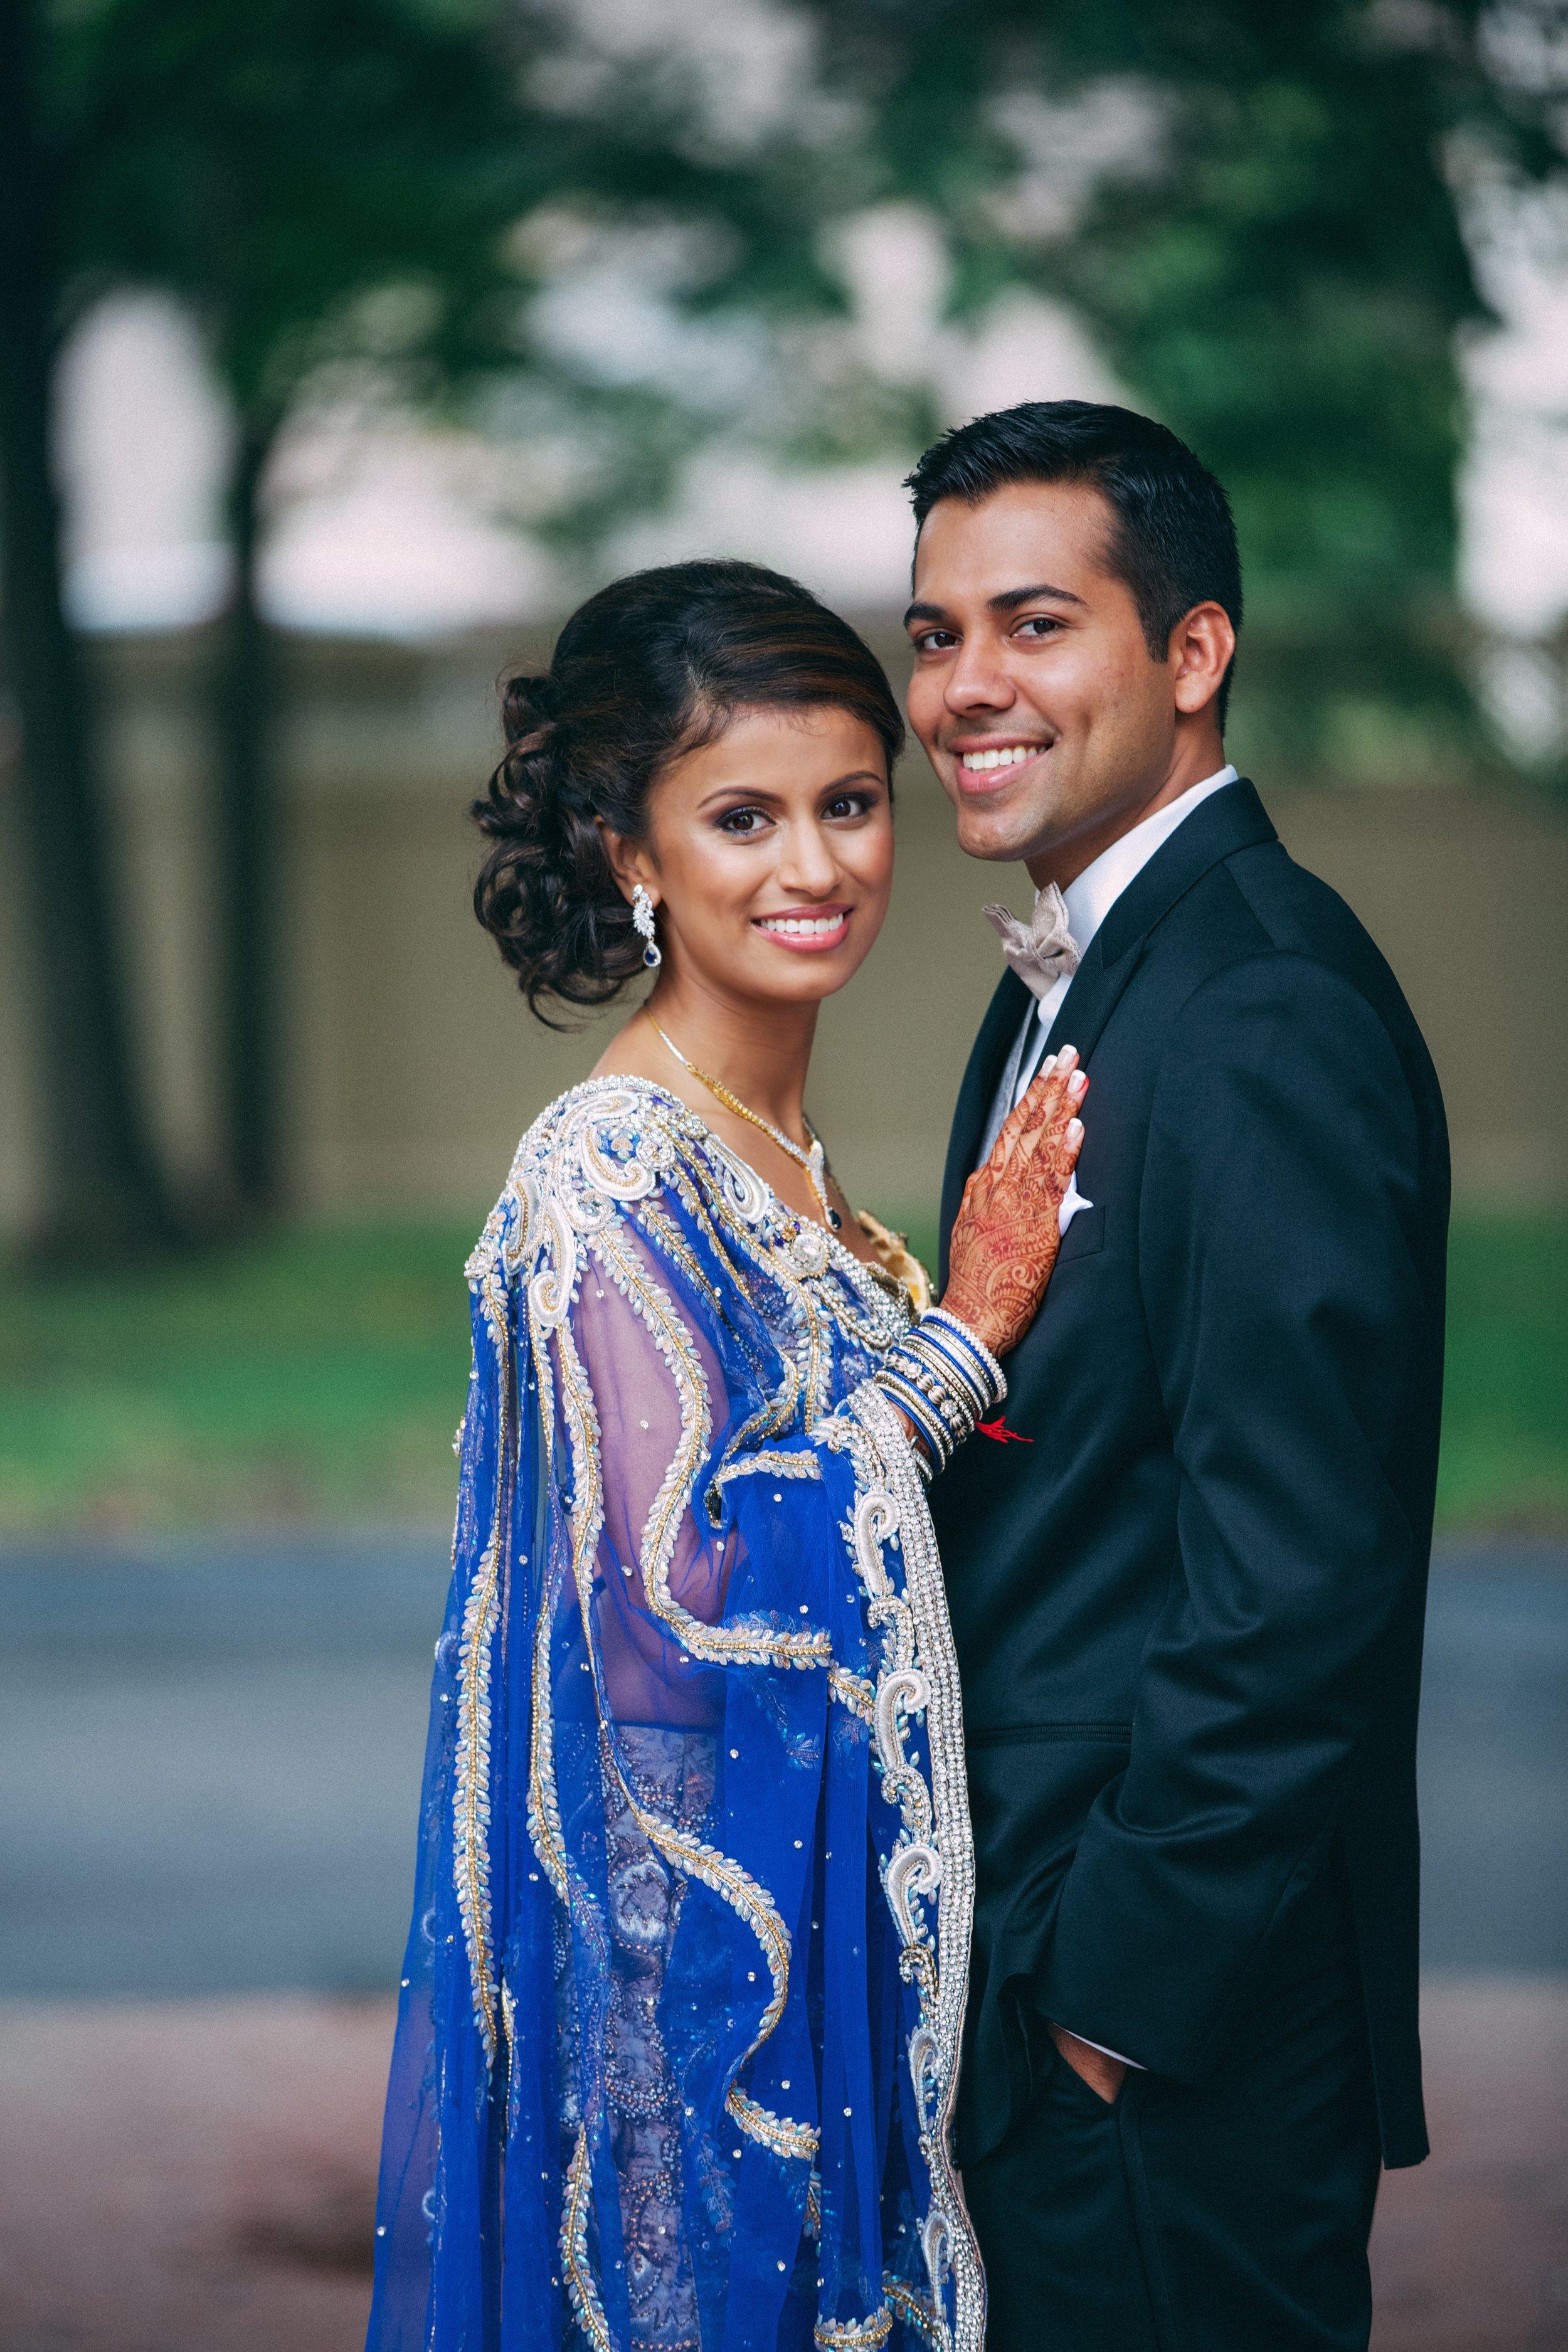 Le Cape Weddings - Prapti and Harsh Sneak Peek Indian Wedding  4.jpg